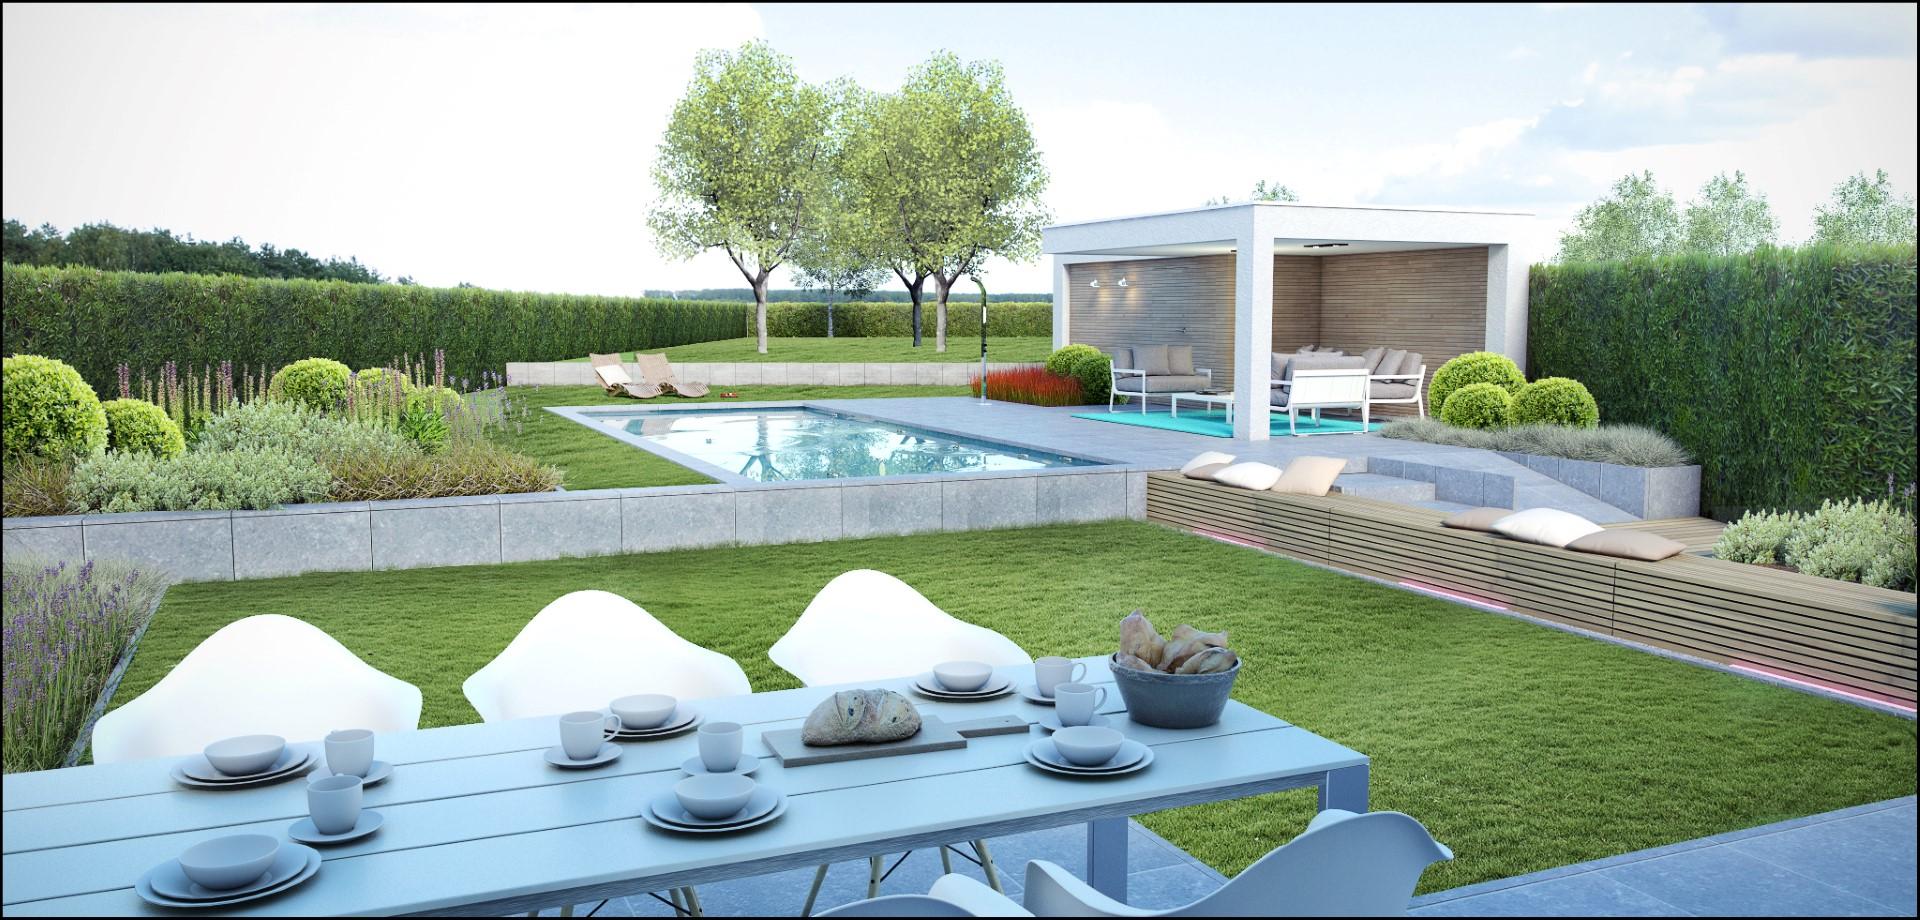 Eco tuinarchitectengroep 3d projecten zwembad poolhouse - Tuin met zwembad design ...